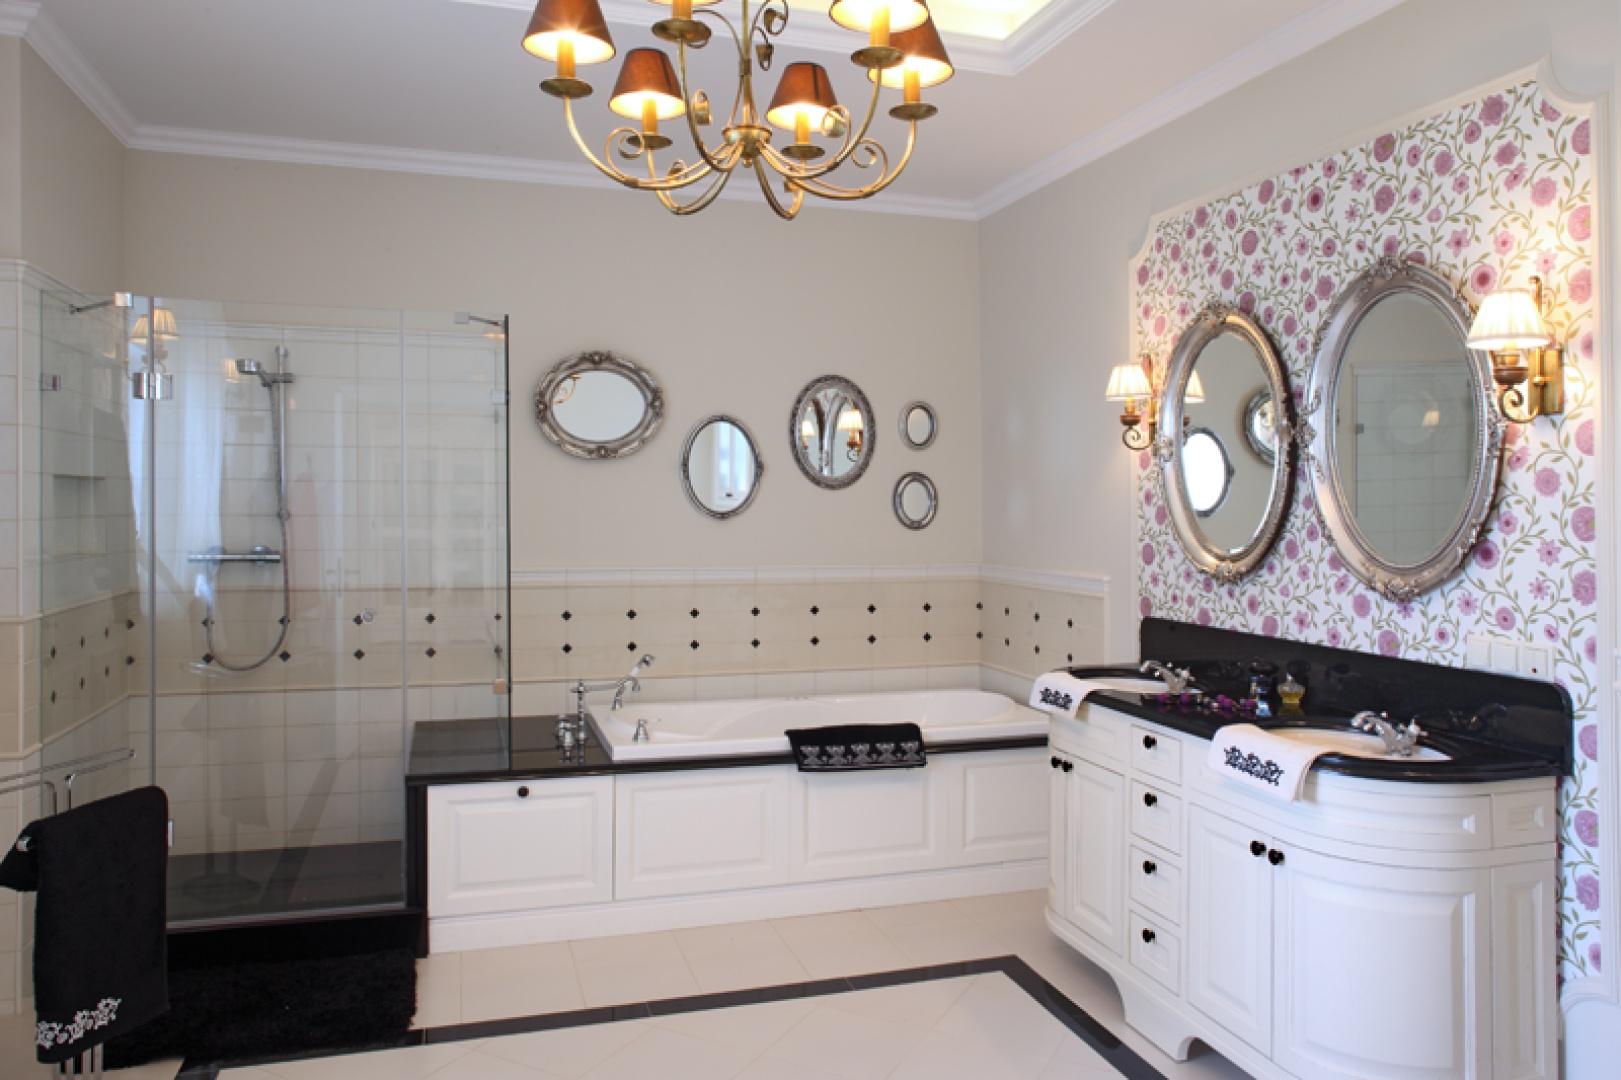 W aranżacji łazienki dominuje drewno (białe fronty meblowe i obudowa wanny) oraz granit. Efektowne tło stanowi beżowa okładzina ceramiczna z dekoracyjnymi czarnymi insertami Ceramiche Grazia oraz tapeta z motywem kwiatowym. Fot. Monika Filipiuk-Obałek.